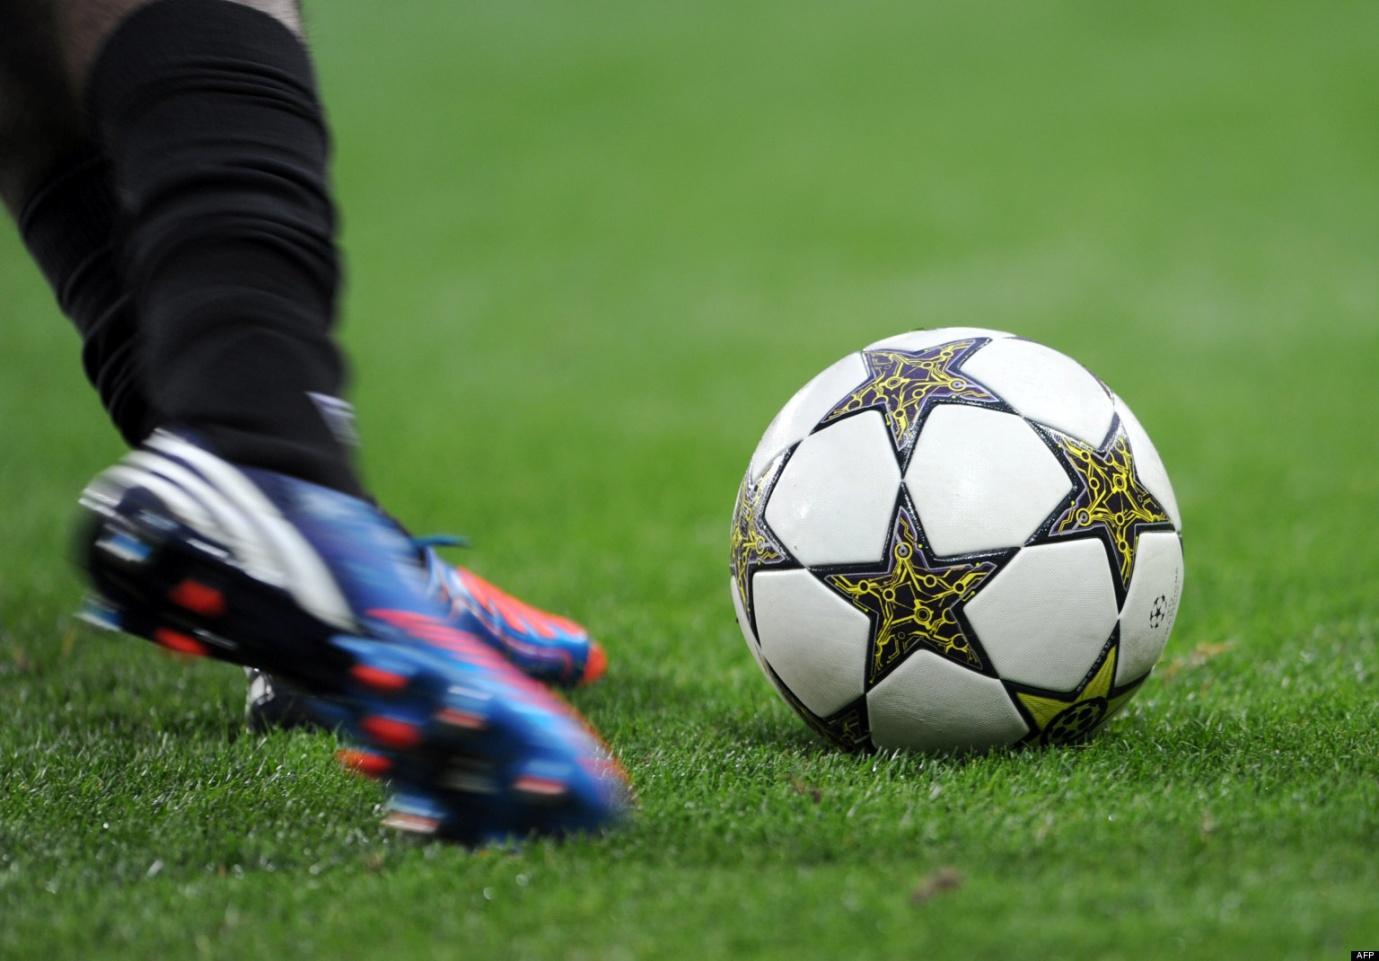 http://backpagefootball.com/wp-content/uploads/2013/07/o-FOOTBALL-MATCH-TRUQU-facebook.jpg